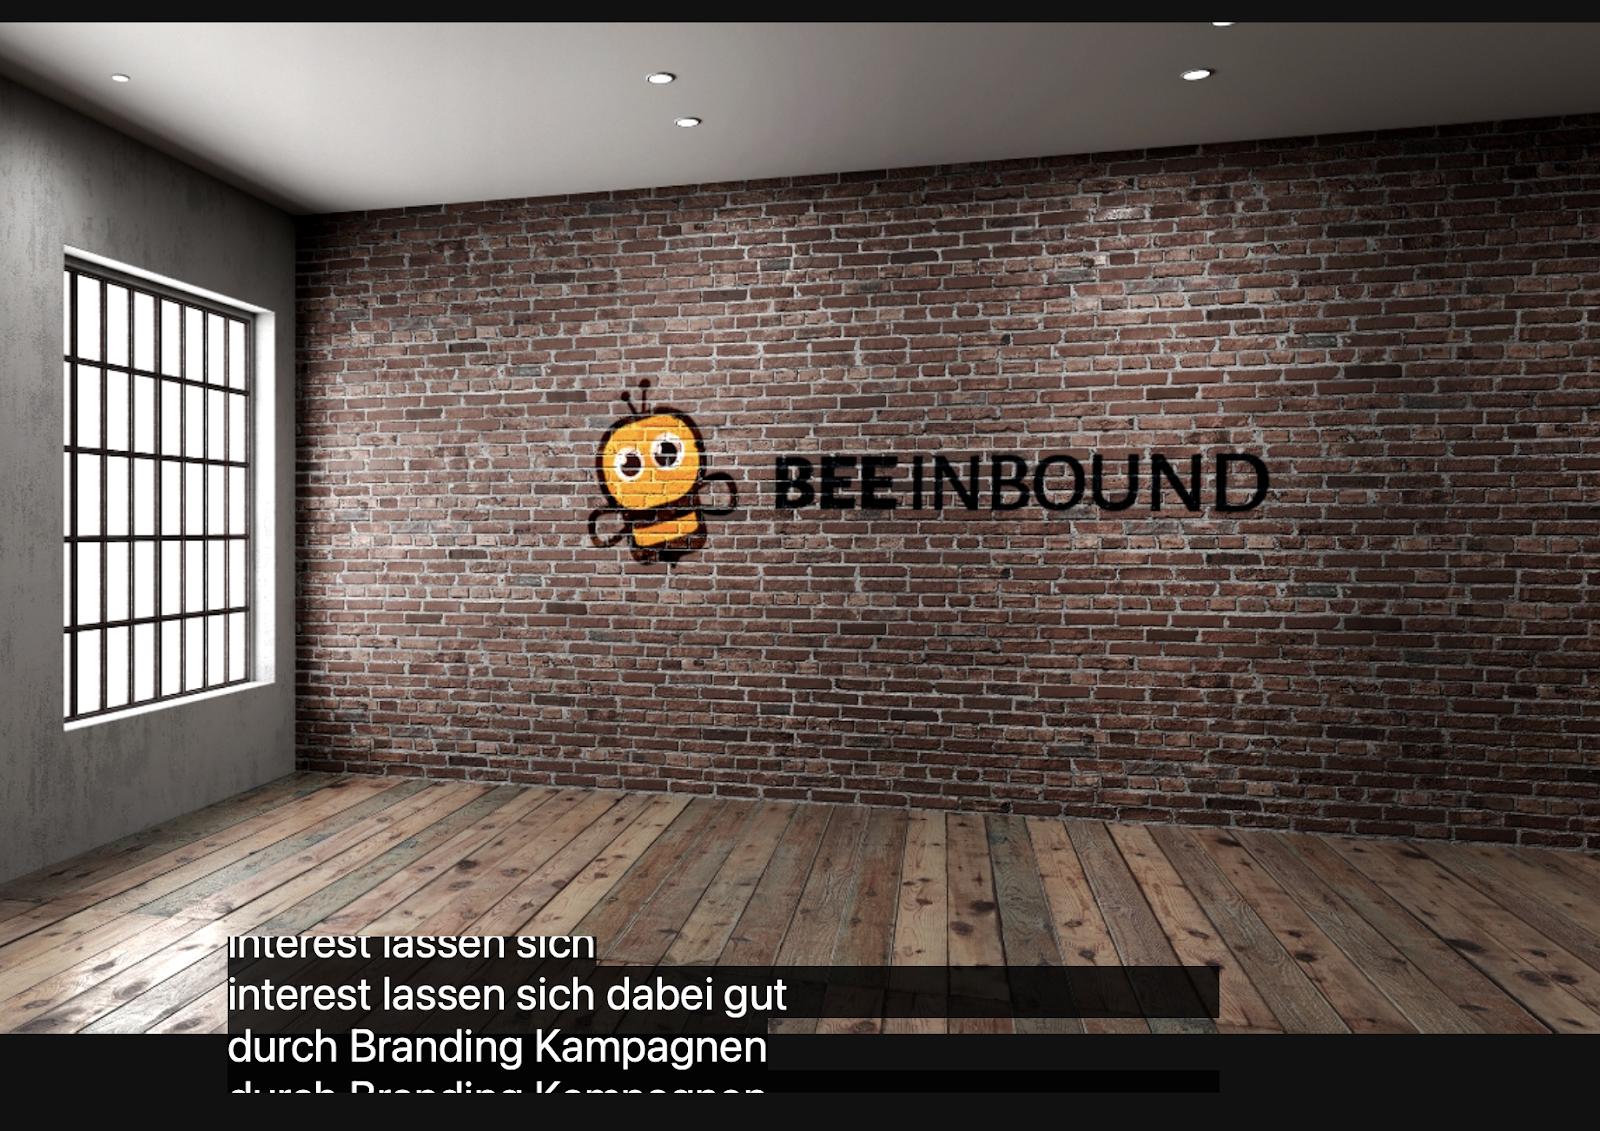 photo BEE Inbound background